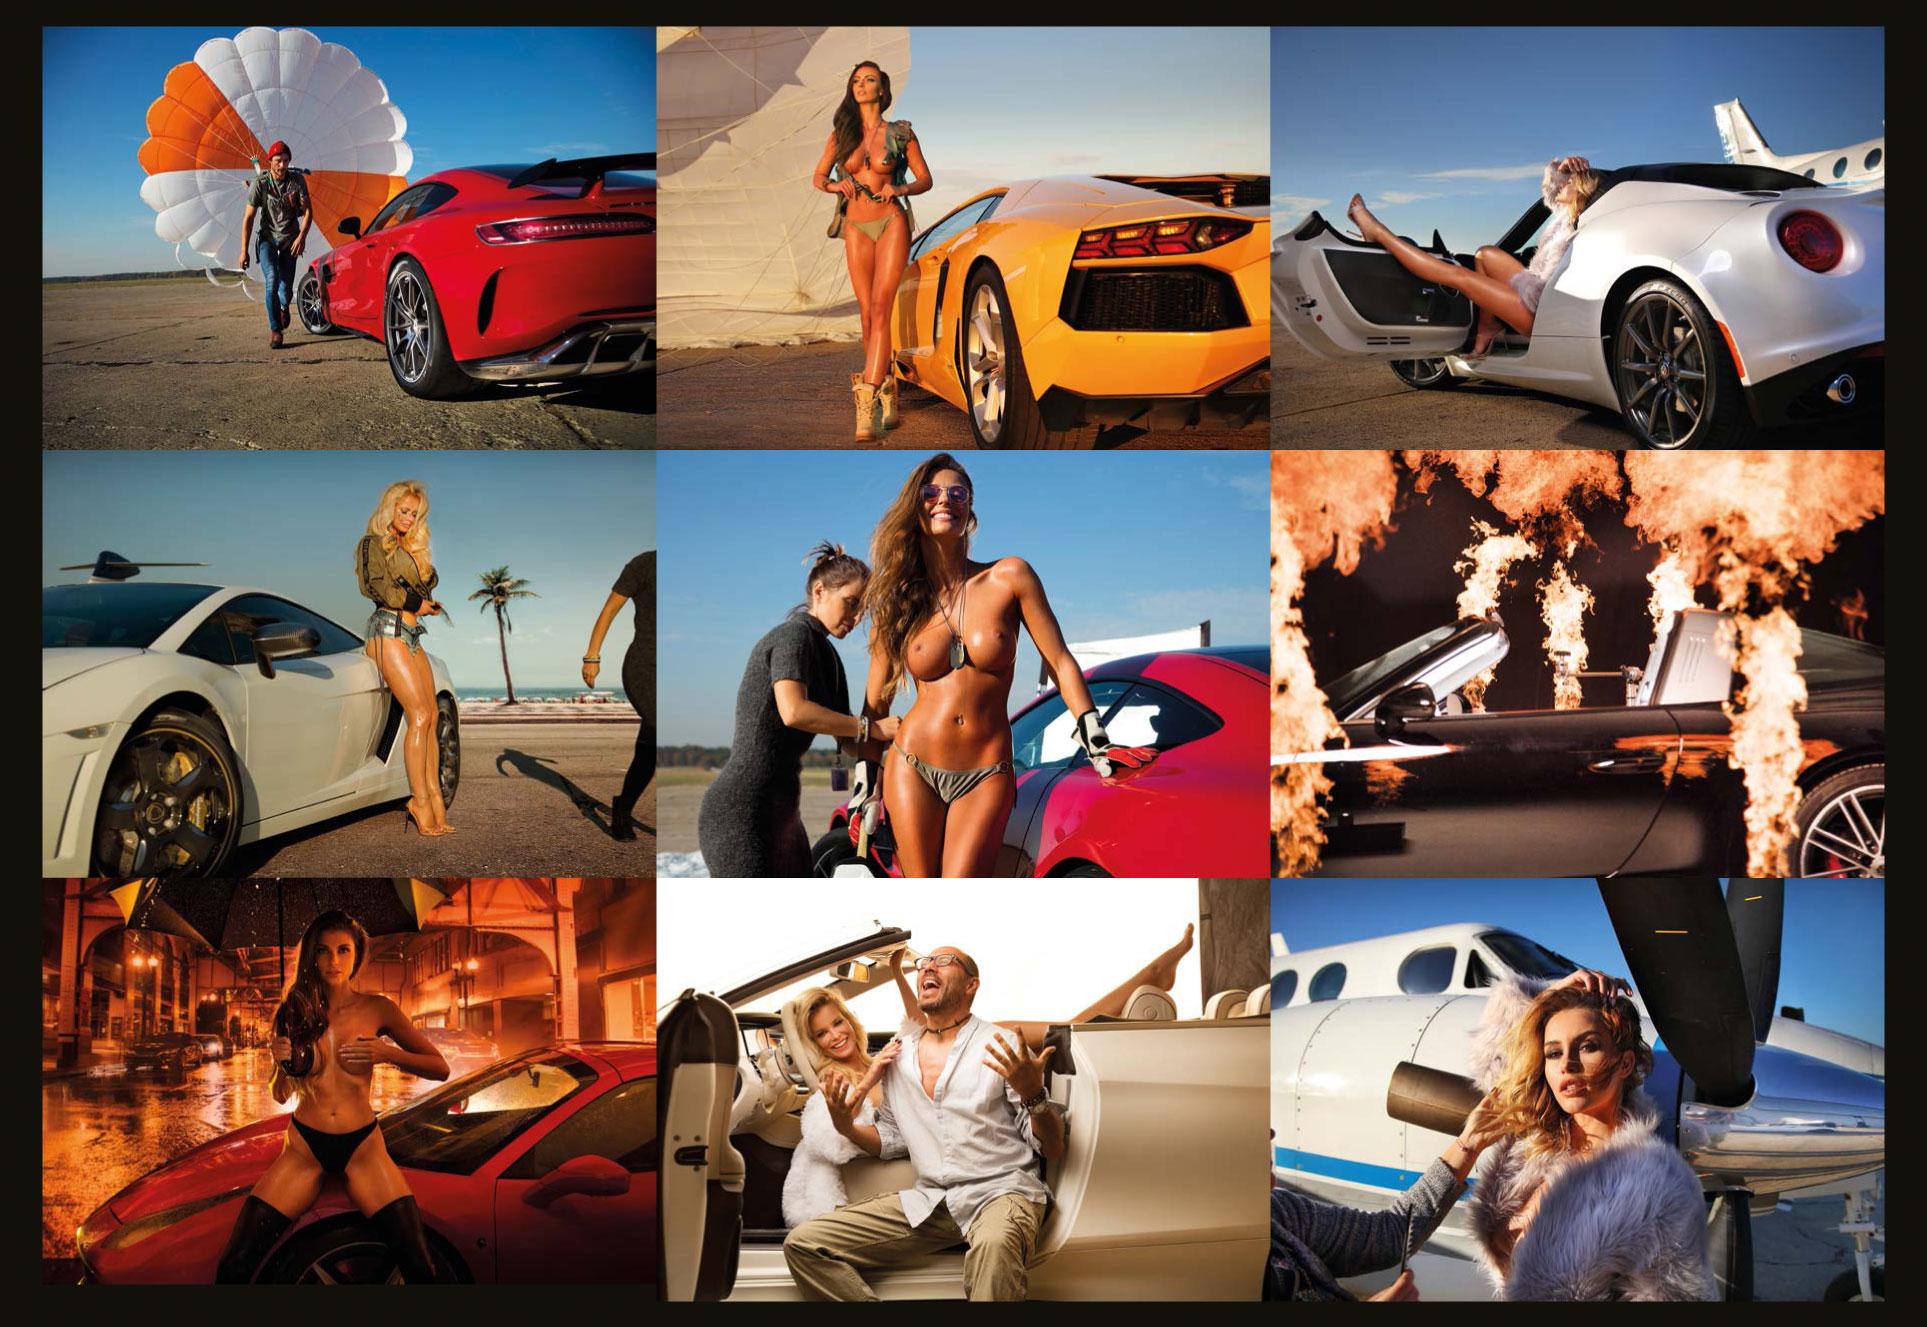 эротический календарь 2019 Inter Cars SA / польский дистрибьютор автомобилей, сопутствующих товаров и запчастей